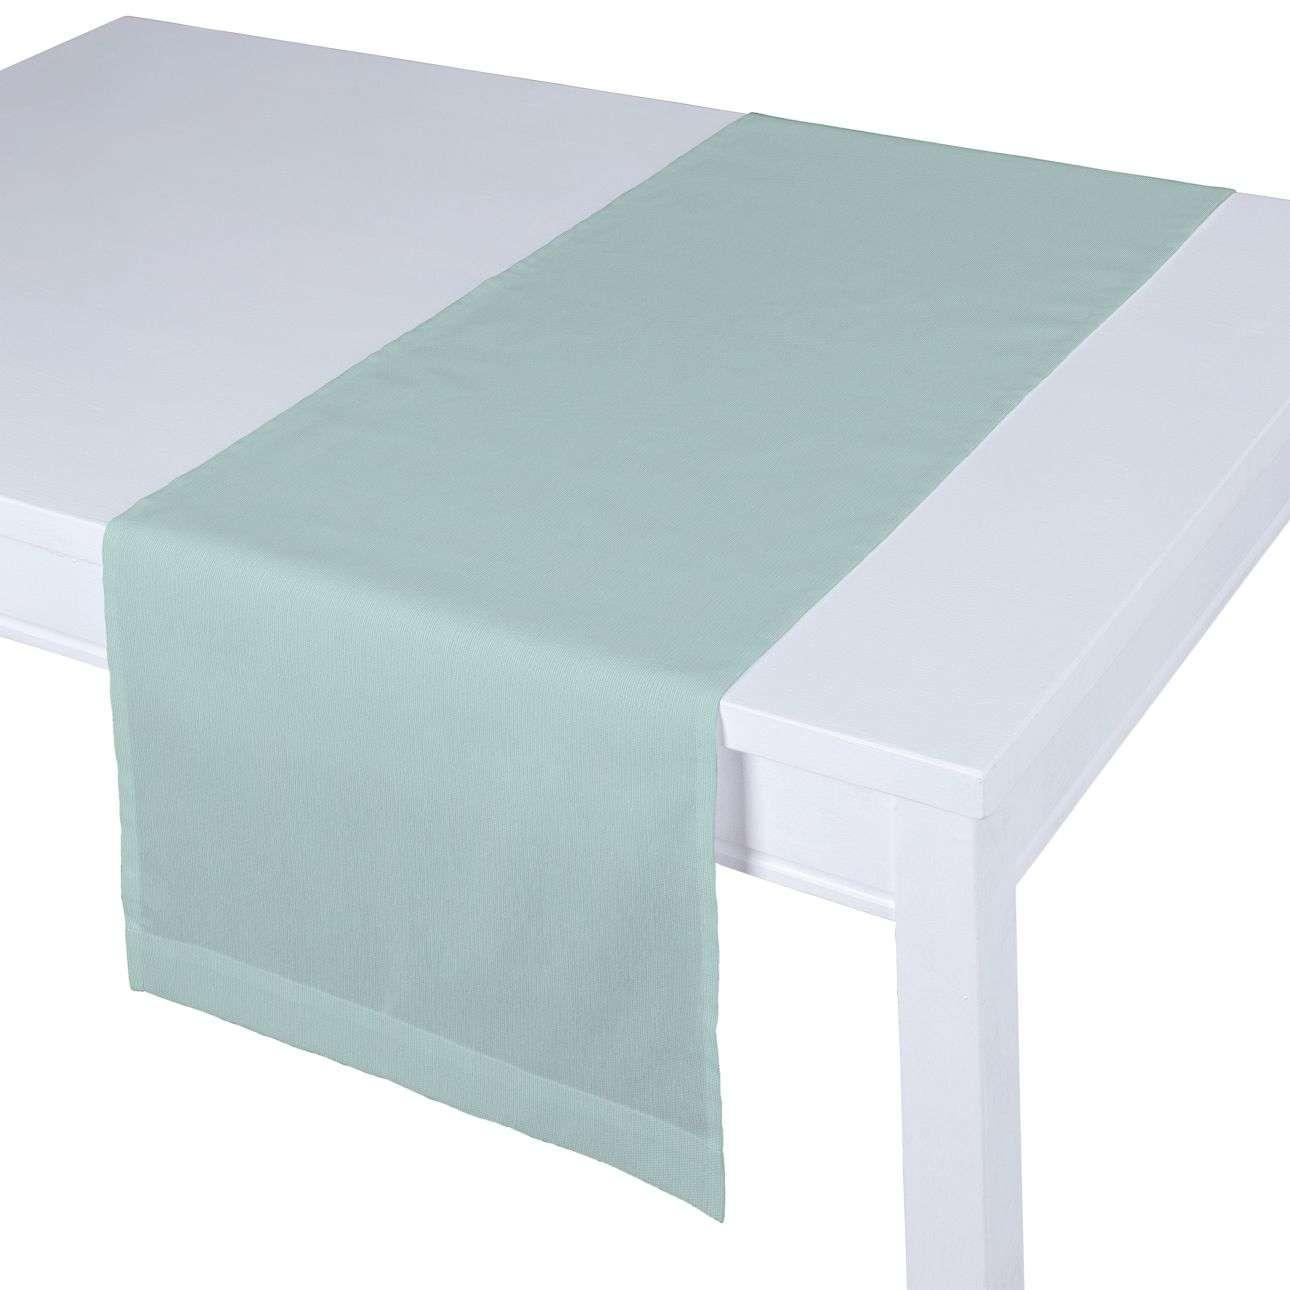 Rechteckiger Tischläufer 40 x 130 cm von der Kollektion Cotton Panama, Stoff: 702-10